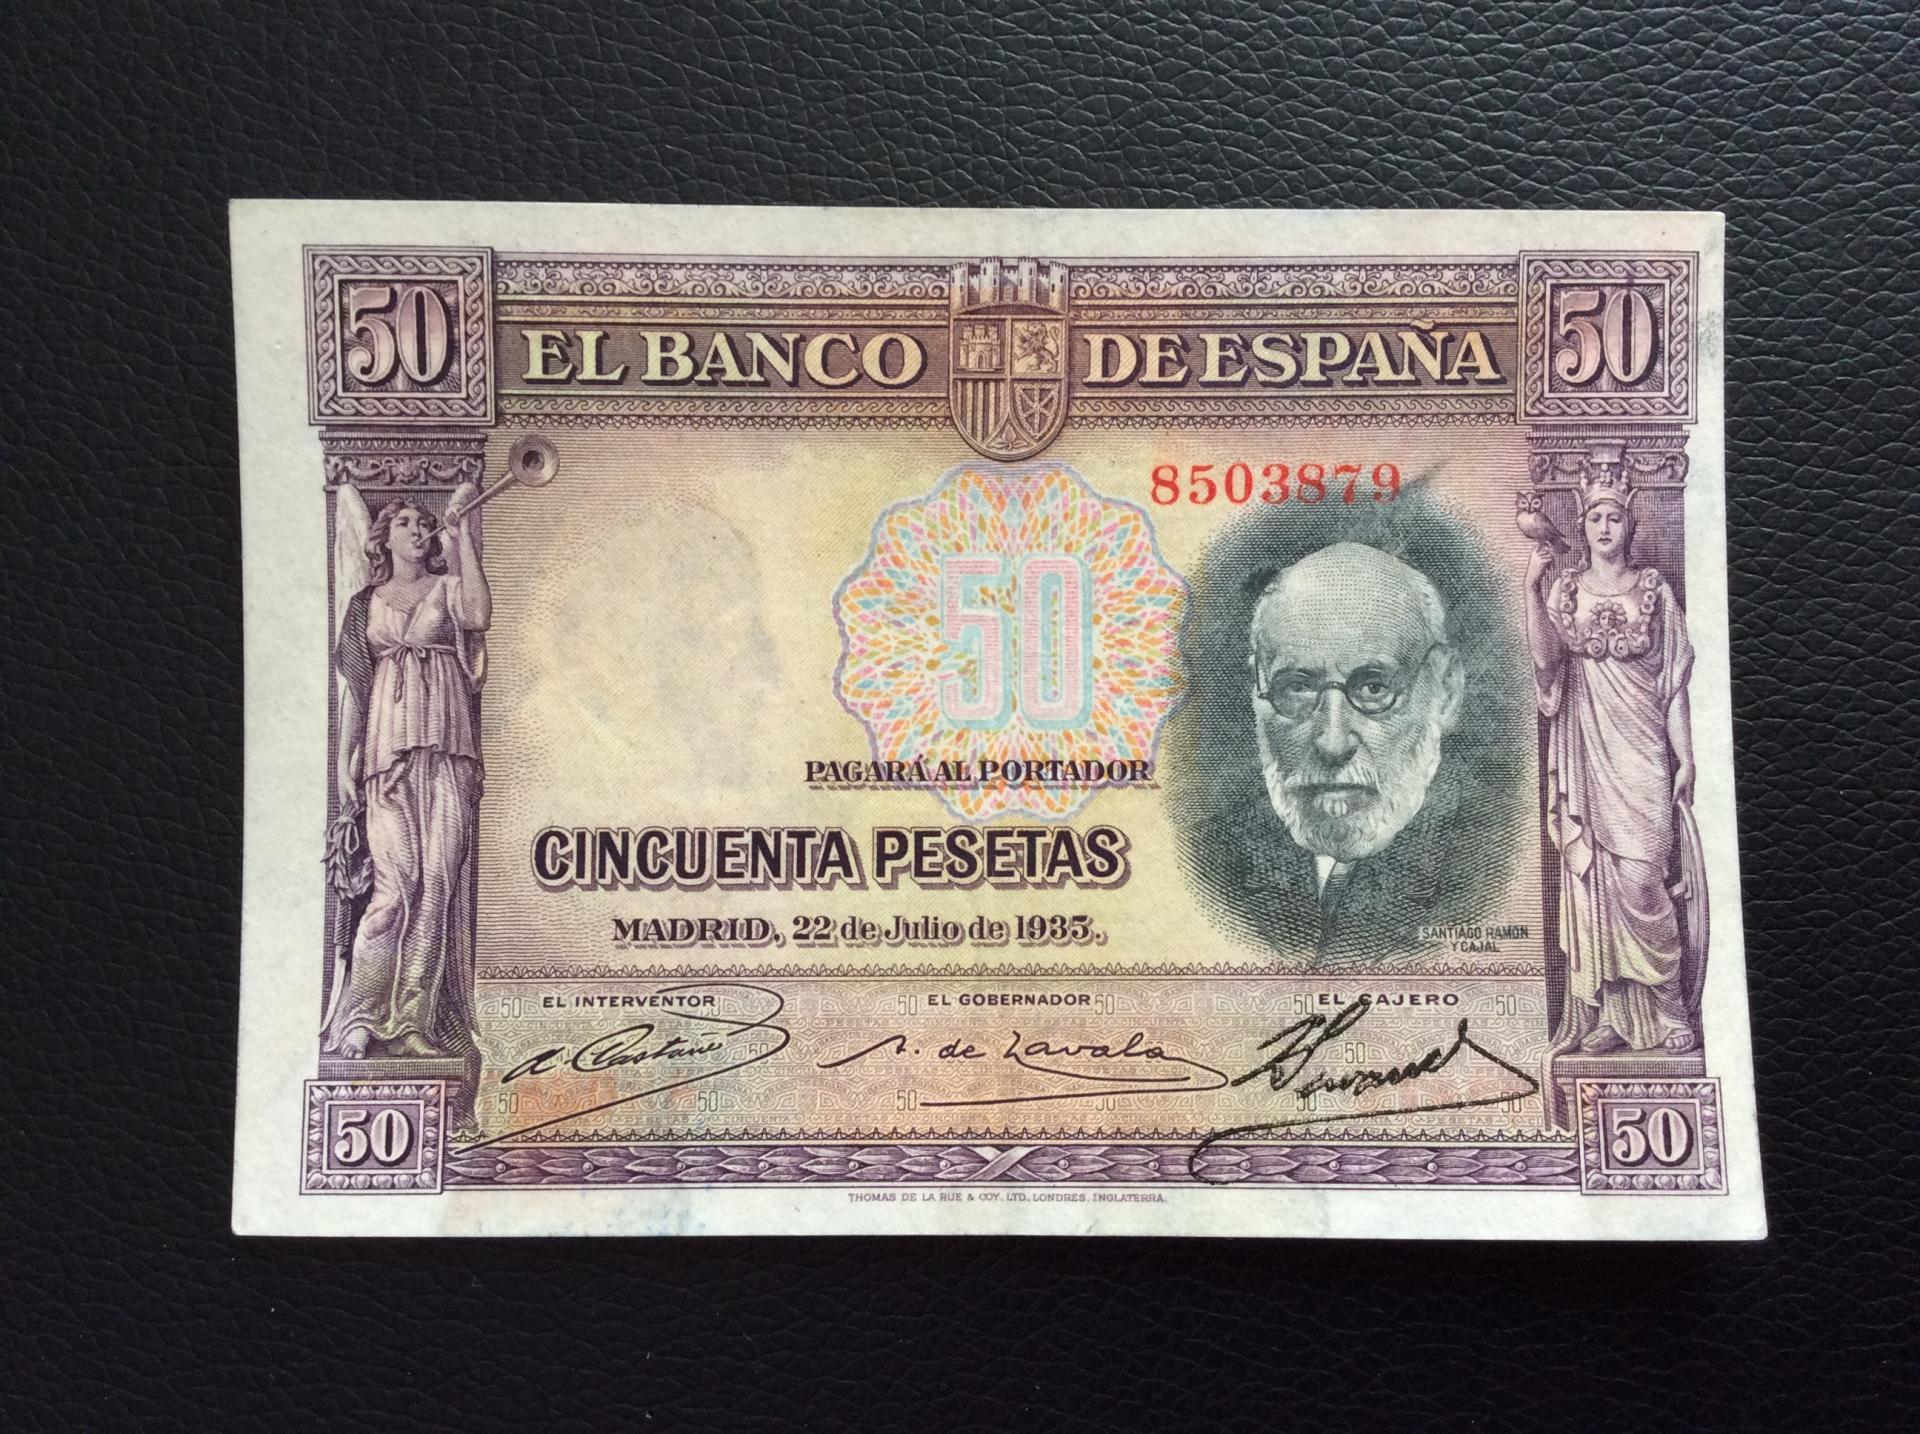 50 PESETAS 1935 - RAMÓN Y CAJAL - EXCELENTE CONSERVACIÓN